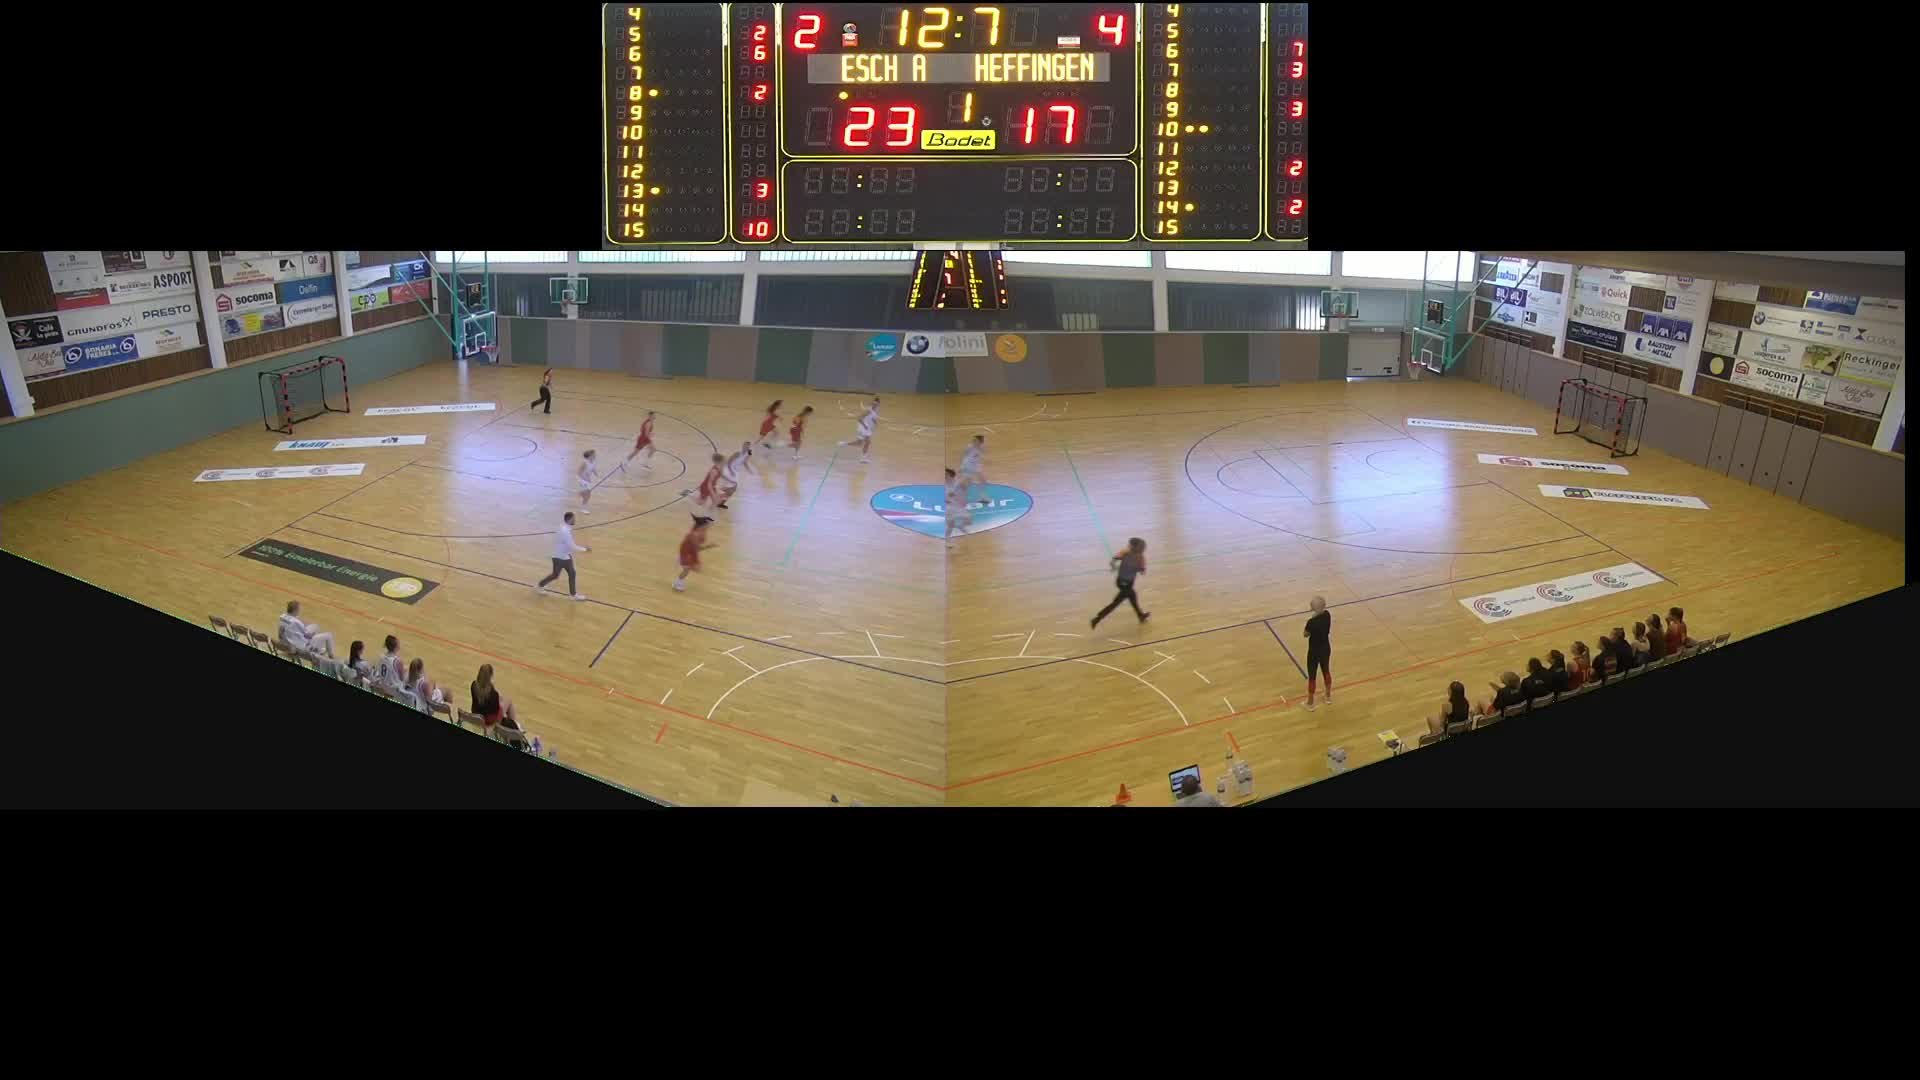 Basket Esch Dames A - Heffingen - 15.09.2019